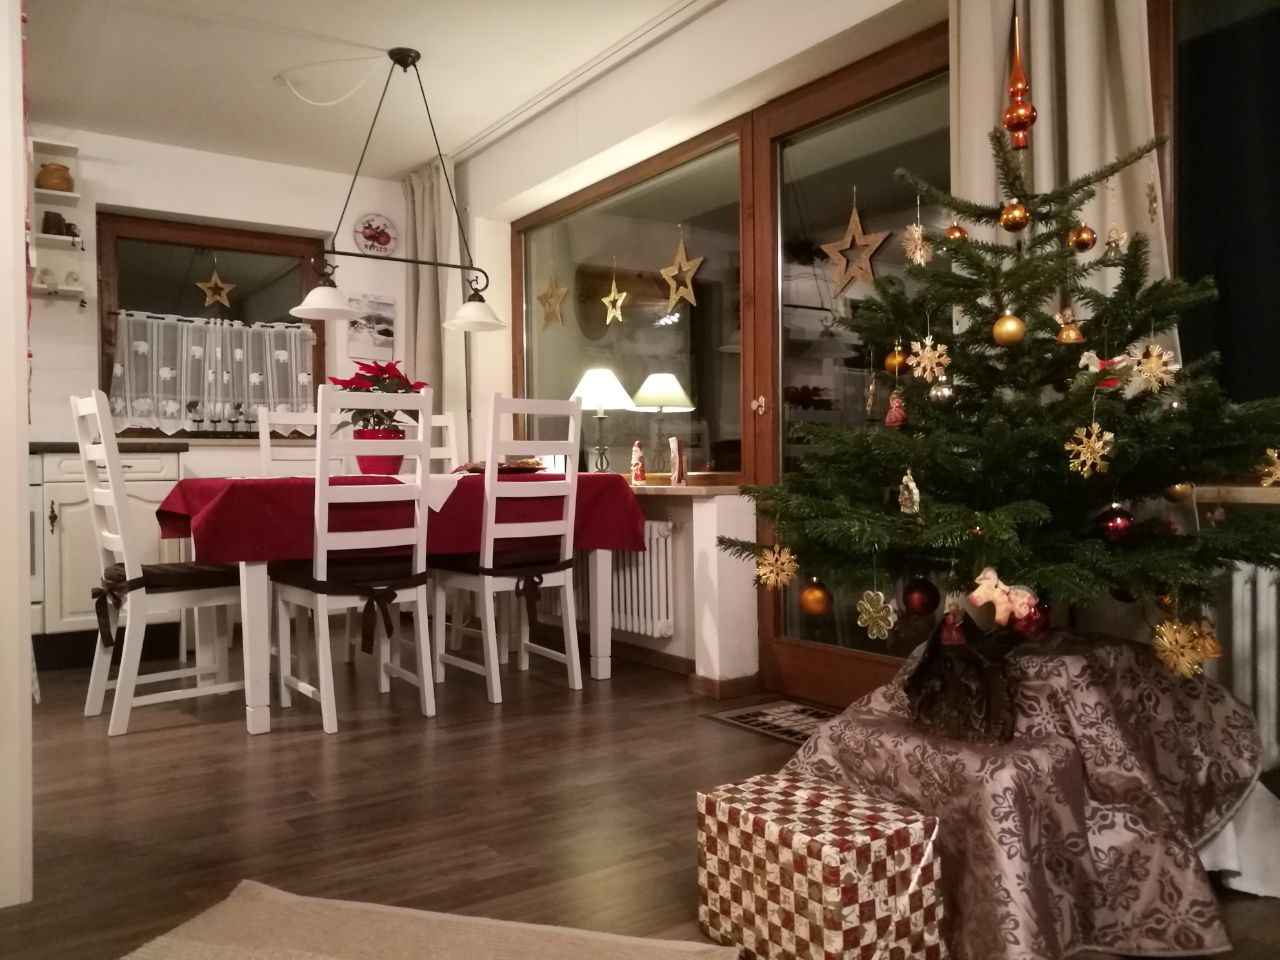 Weihnachten in der Auenwiese mit Weihnachtsbaum